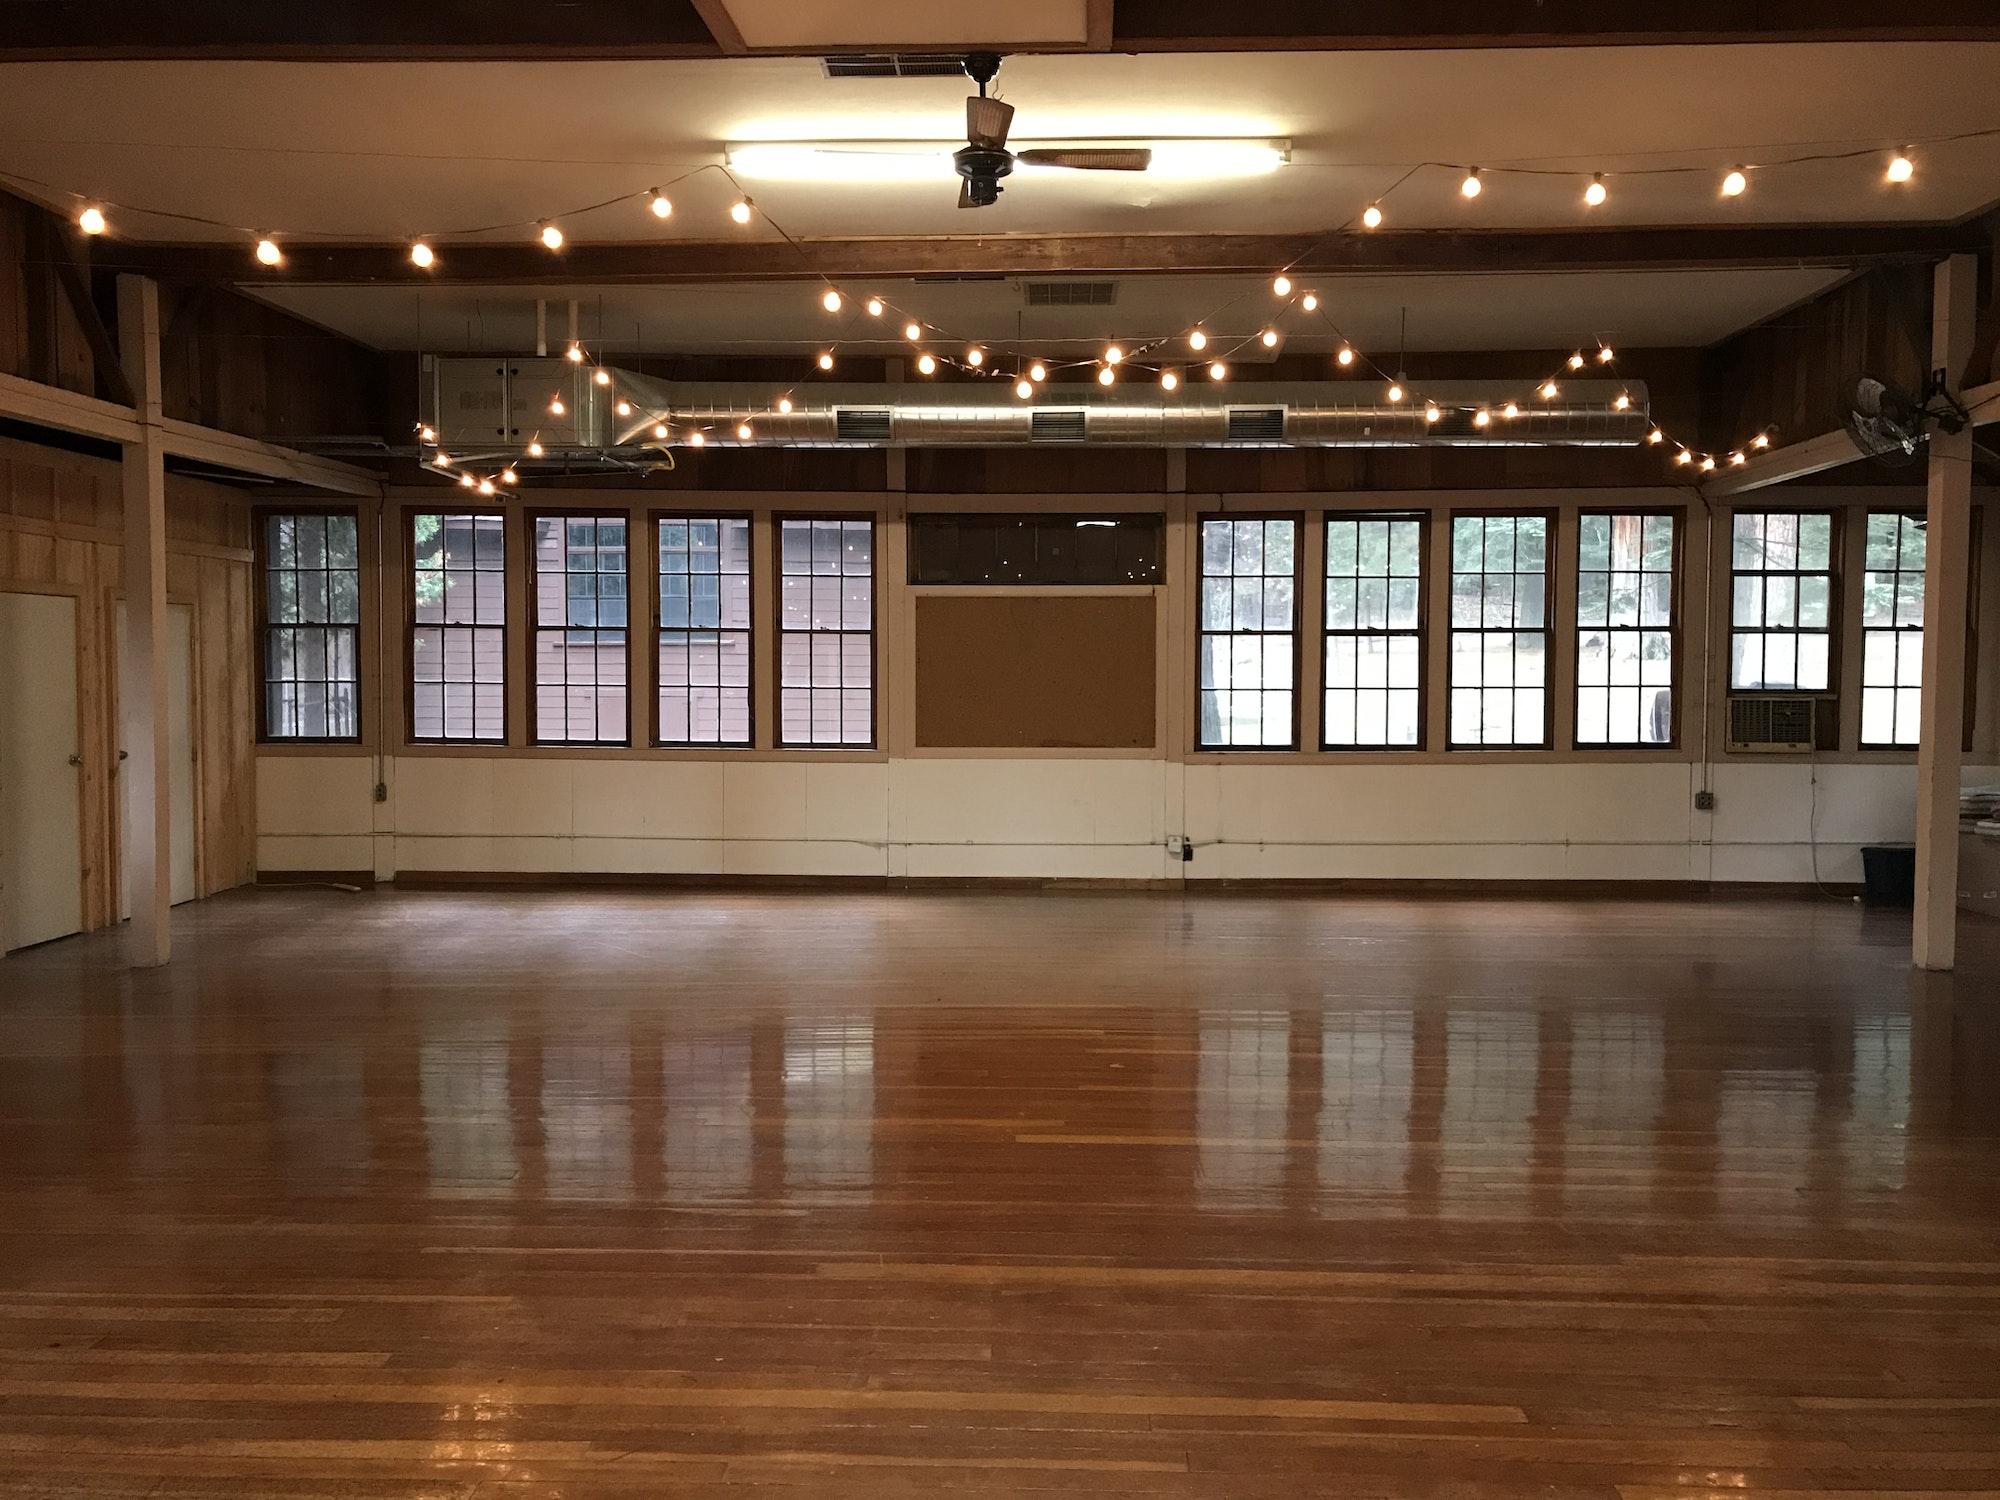 May contain: indoors, room, ballroom, floor, and wood